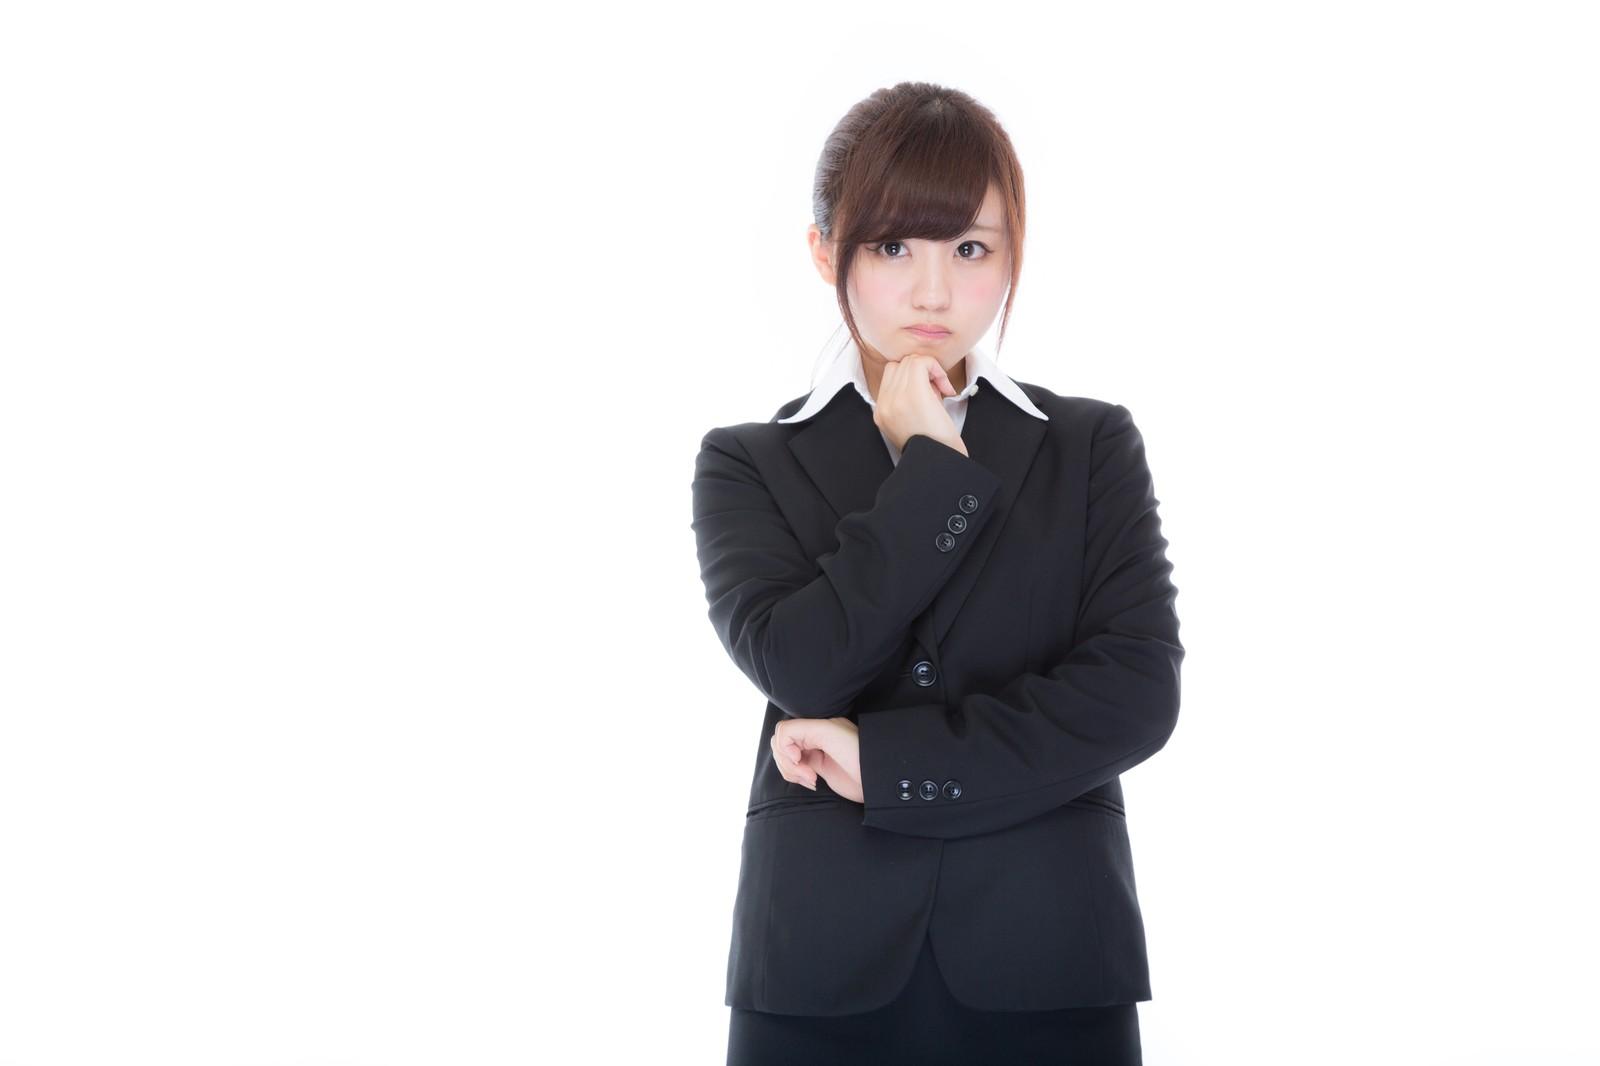 転職活動の不安、転職が決まった後の不安を解消するには